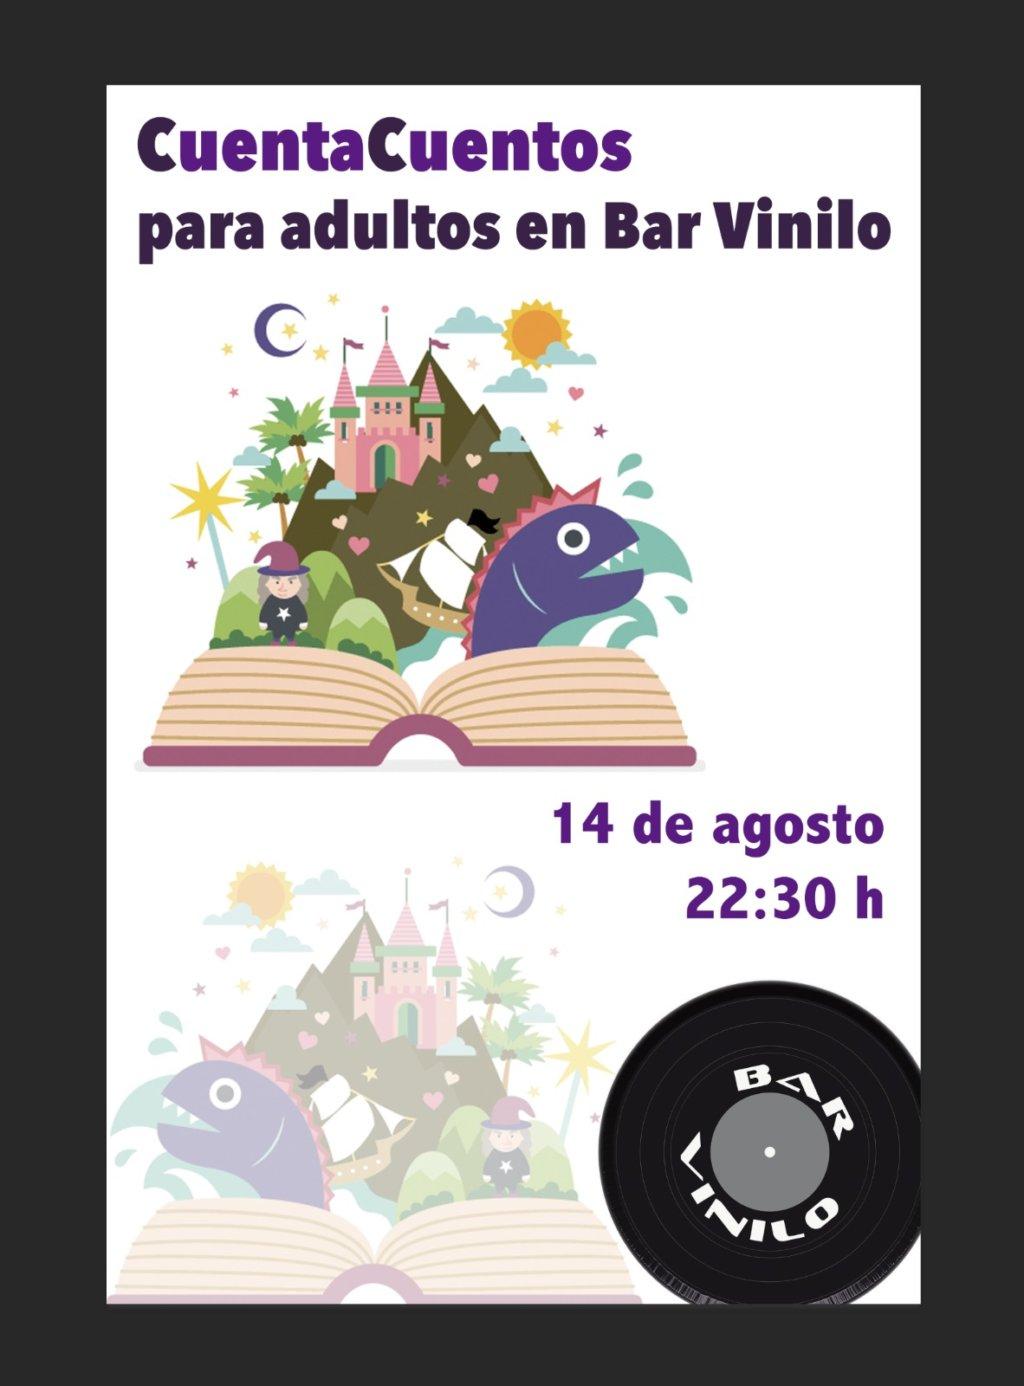 Bar Vinilo, Peñaranda de Bracamonte